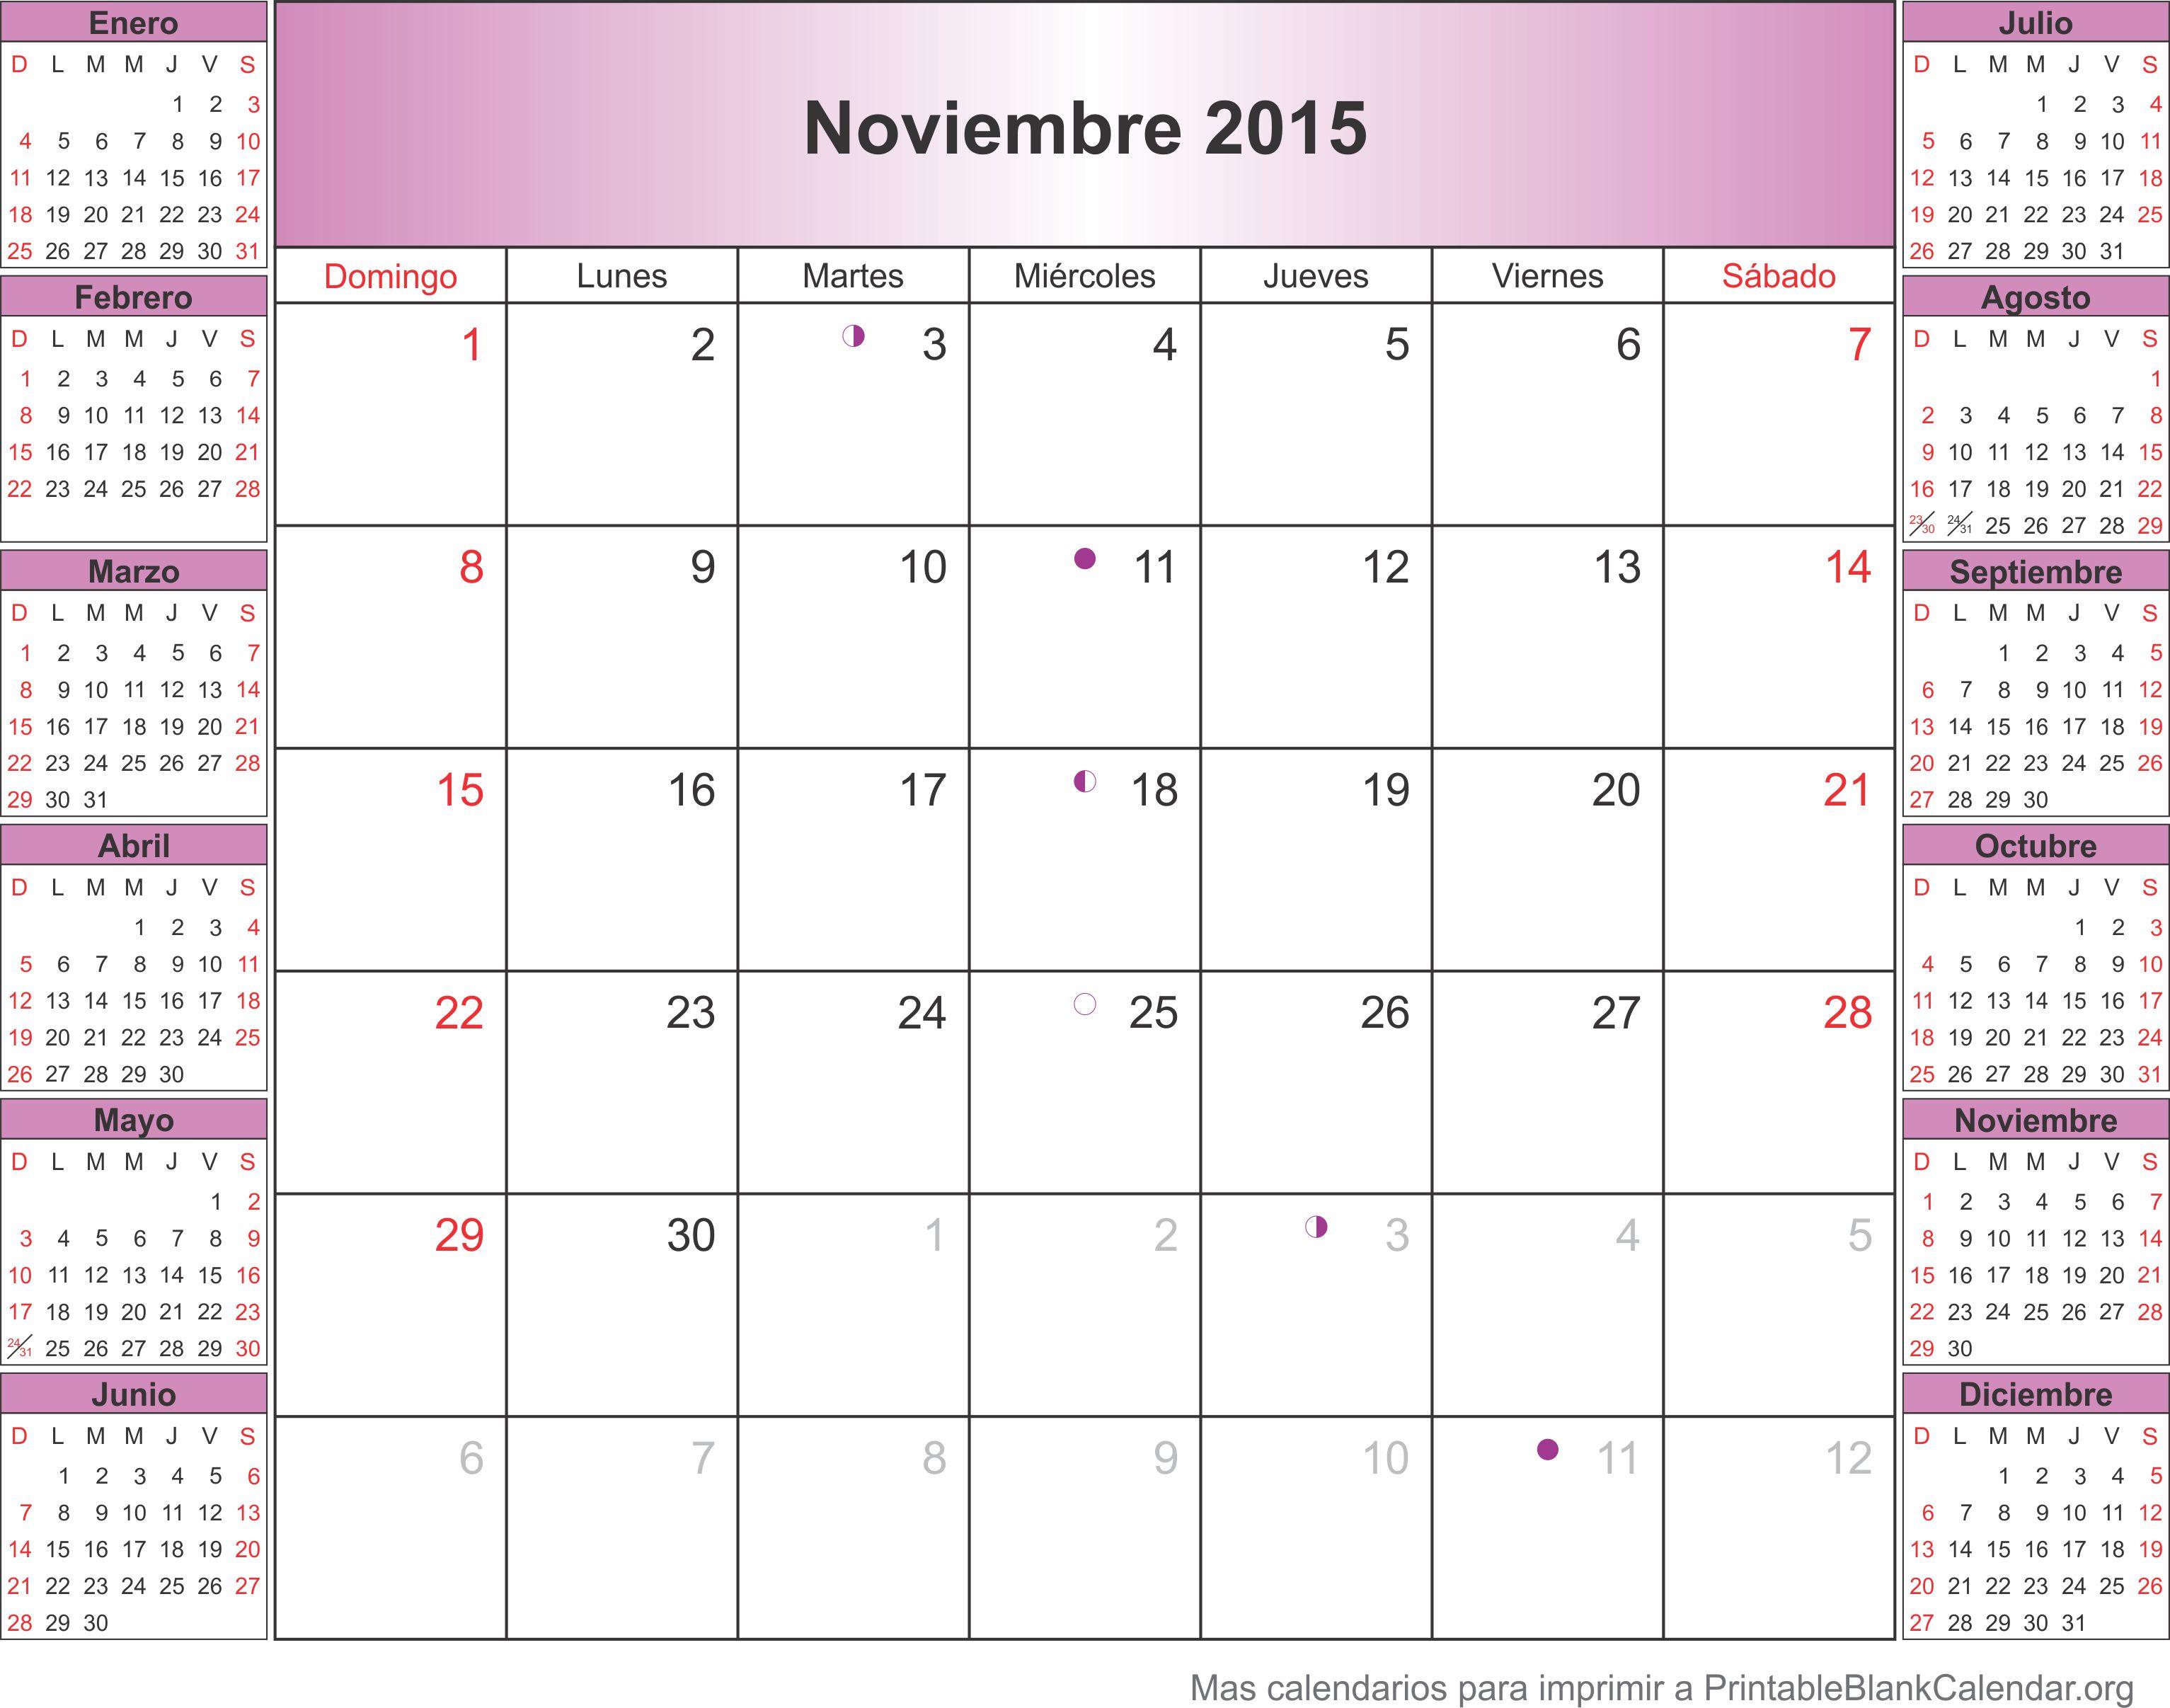 Noviembre 2015 agenda